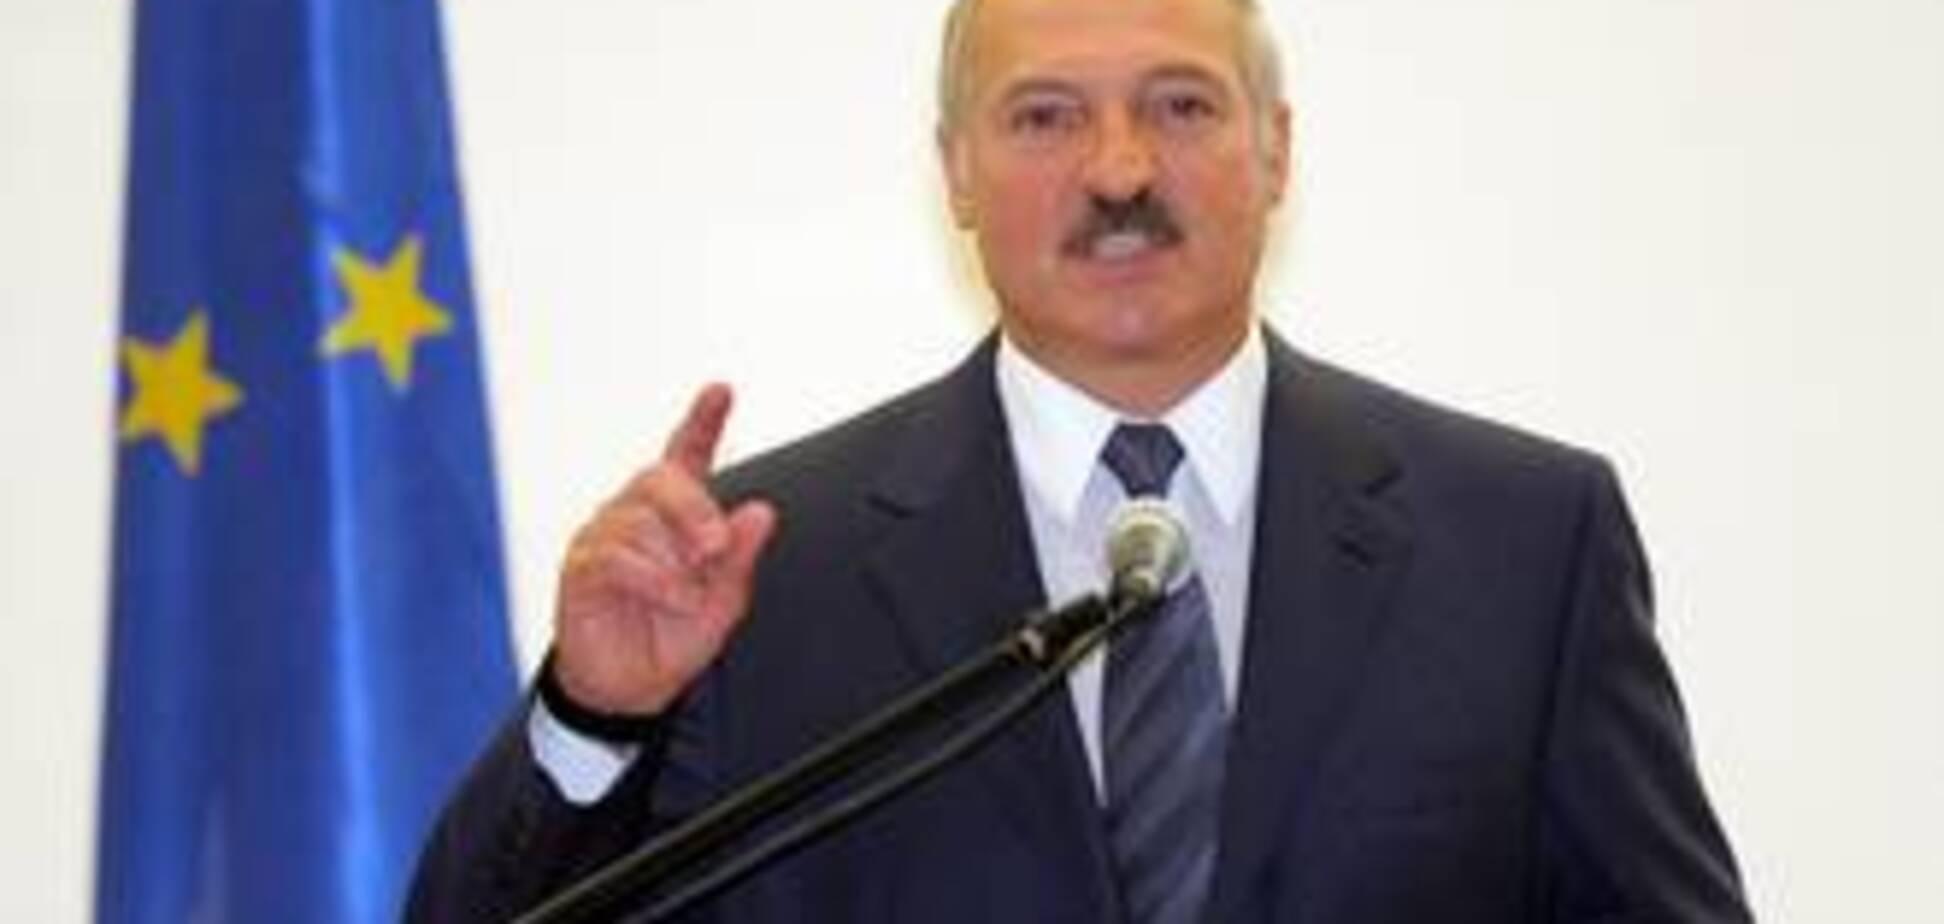 Лукашенко раскрыл секрет собственной смерти